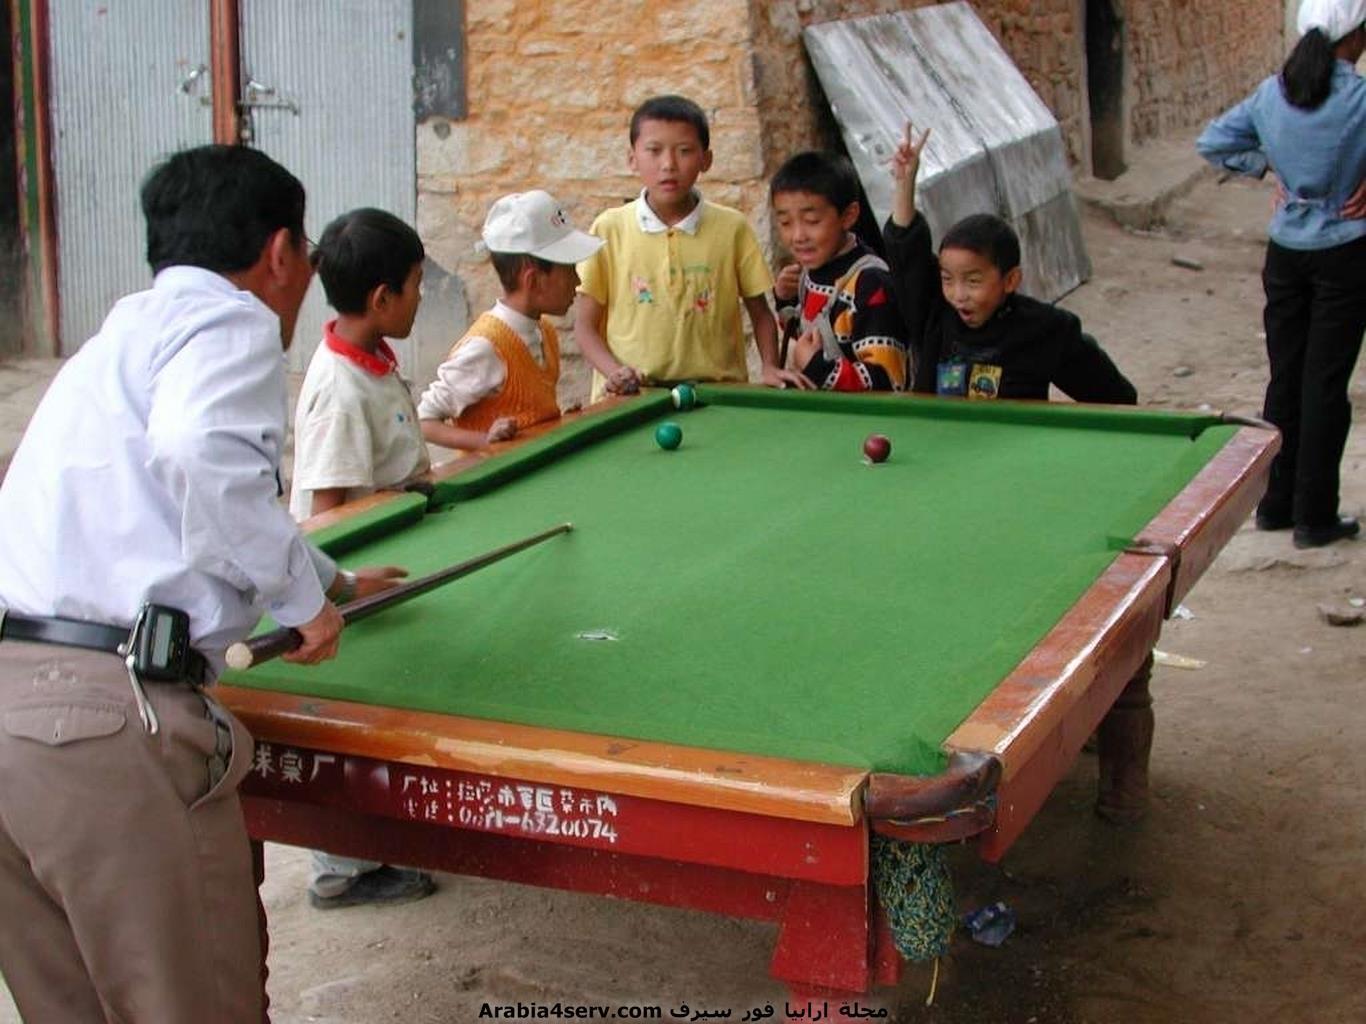 خلفيات-اطفال-يلعبون-1